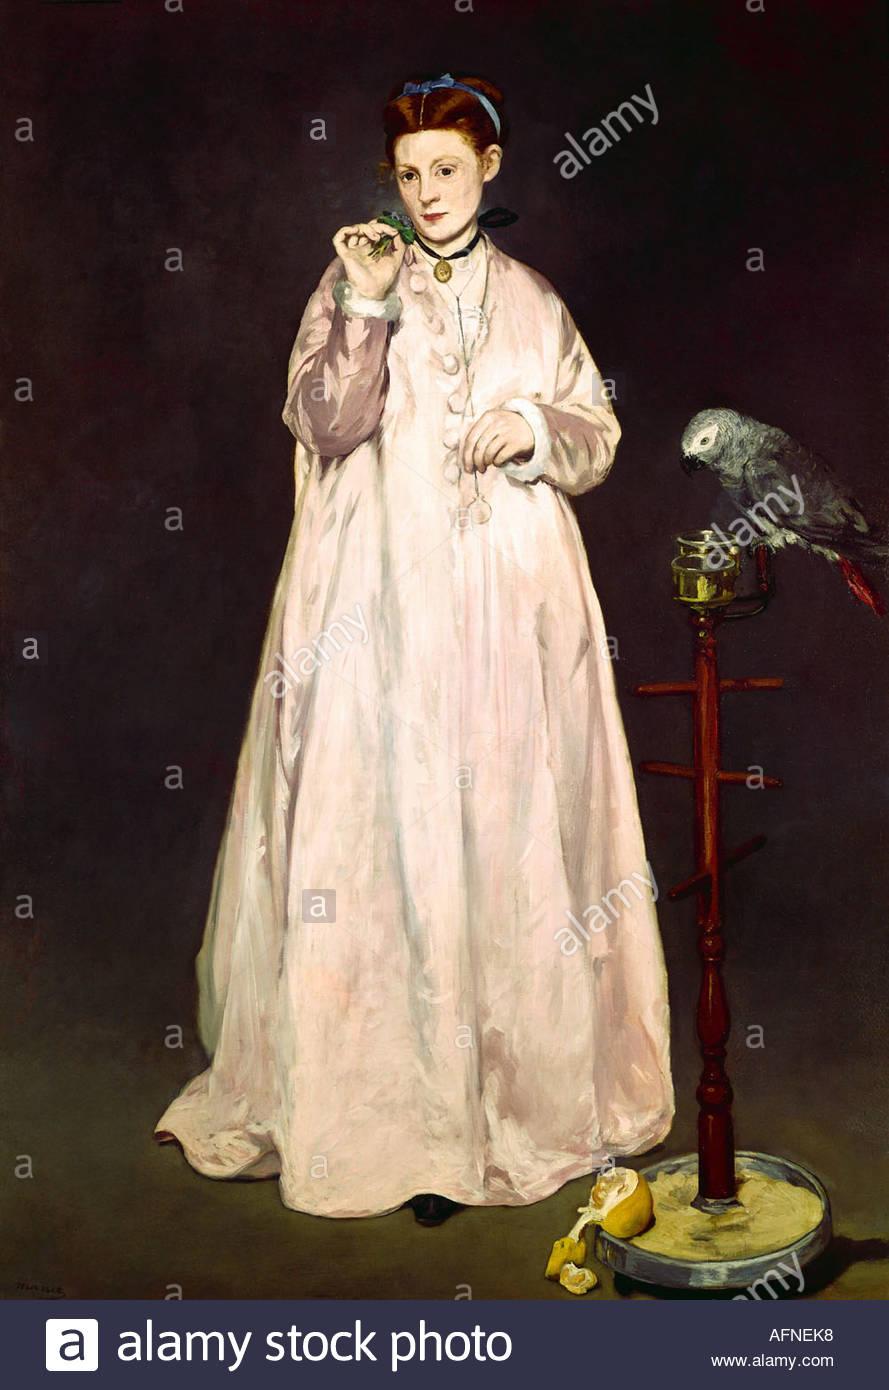 """""""Belle Arti, Manet, Edouard, (1832 - 1883), pittura, 'La Femme au Perroquet', (""""donna con un pappagallo'), Immagini Stock"""